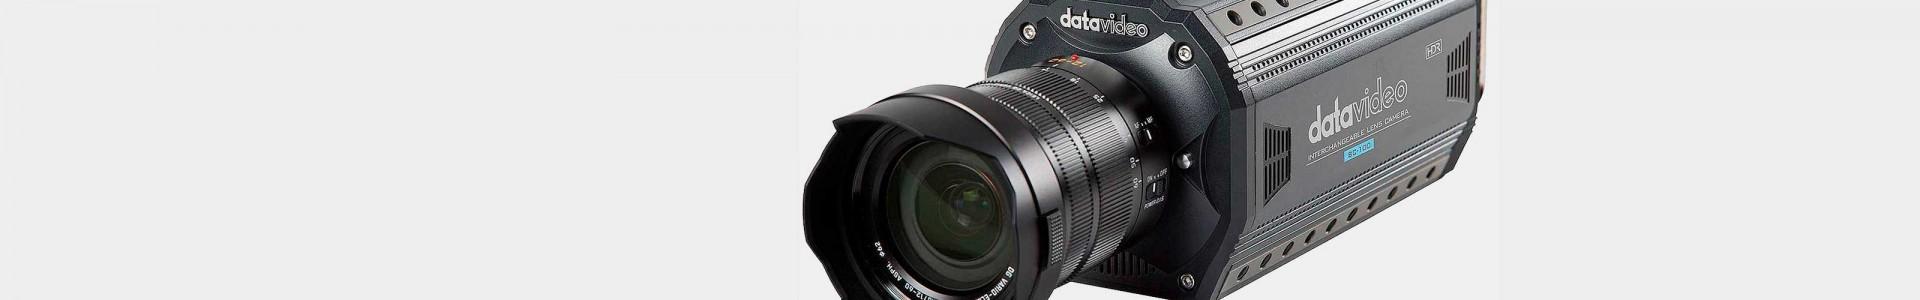 Videocamere POV - Tutte le opzioni in Avacab Audiovisuales